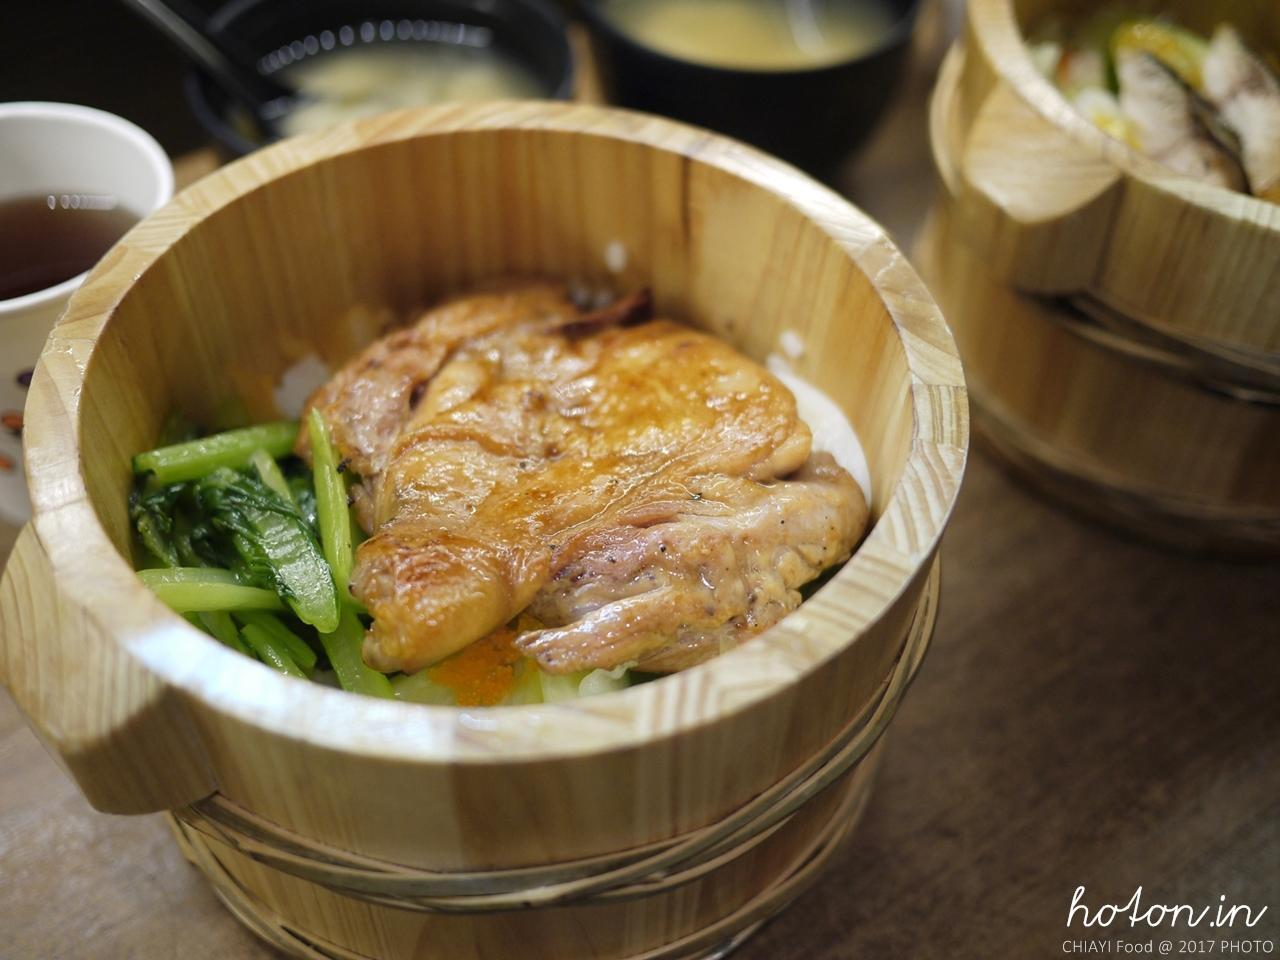 【嘉義食記】小路食堂.菜色用心有特色的木桶餐盒